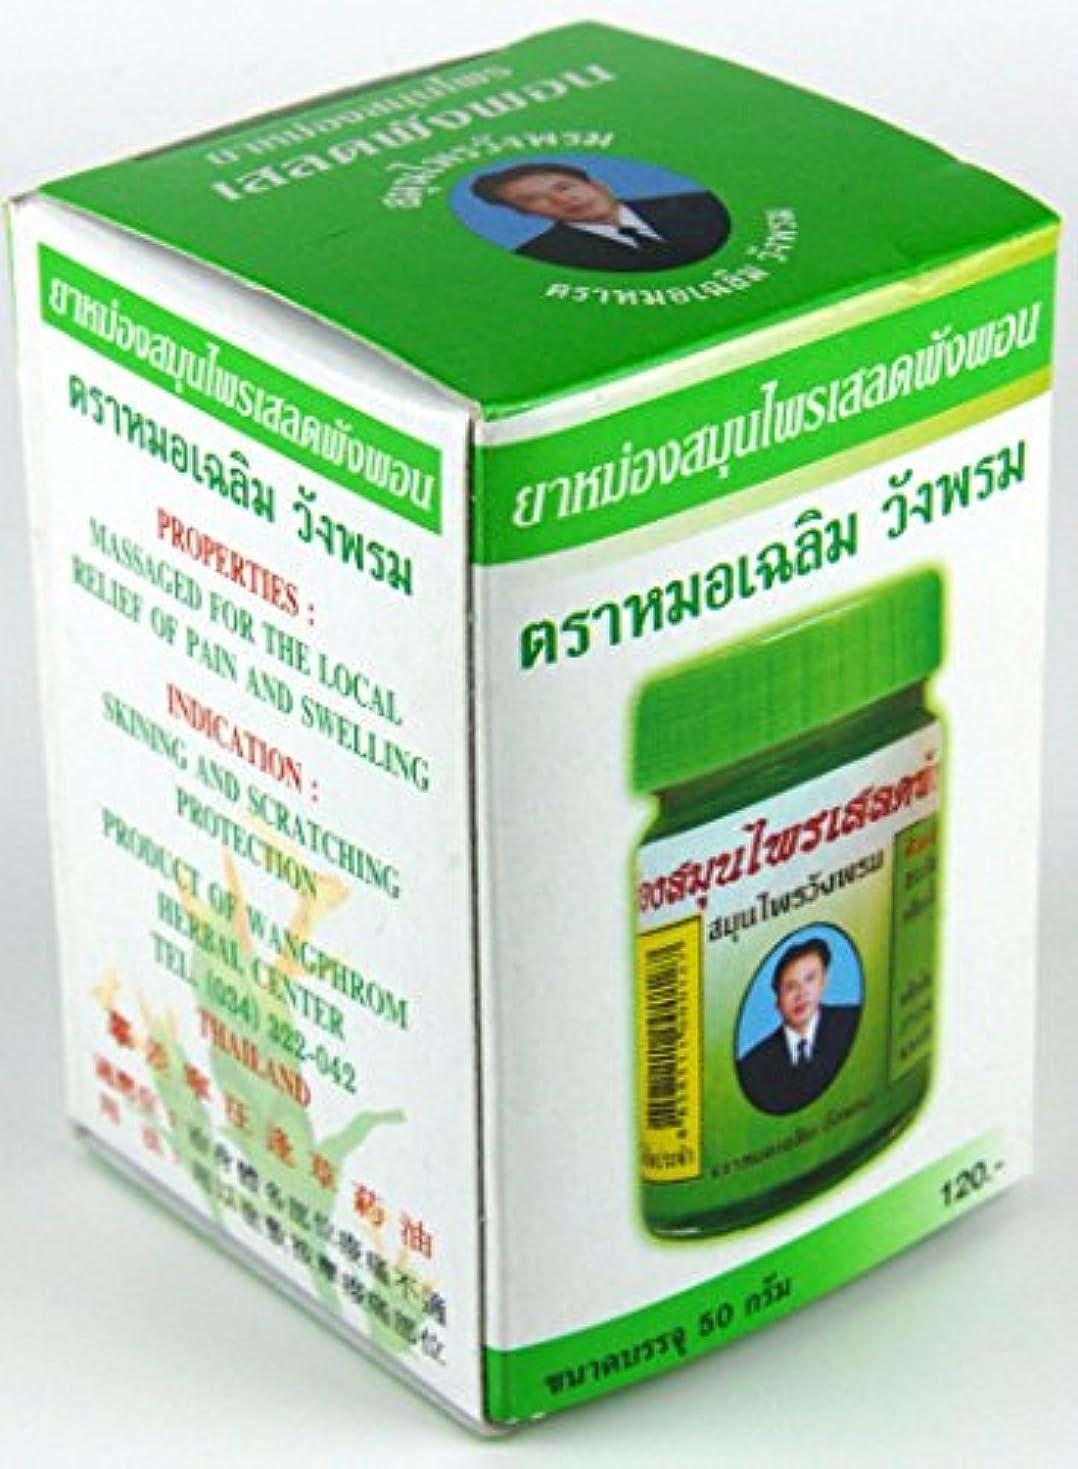 リレーゼロ慎重マッサージバーム タイの緑色の軟膏 スースーする軟膏 おじさんの顔の軟膏 中瓶 内容量50ml